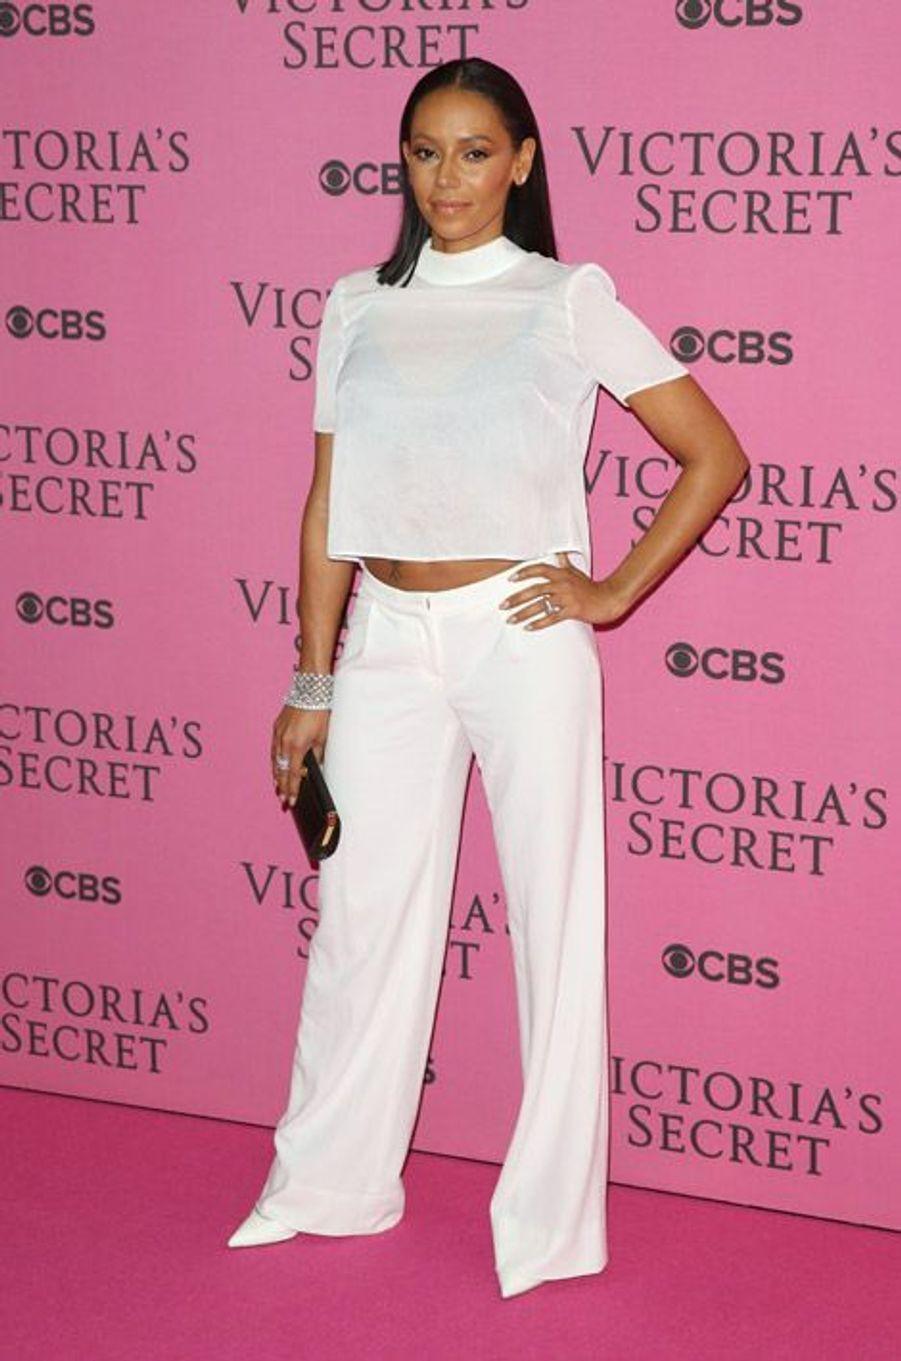 La chanteuse Mel B (ex Spice Gril), assiste au défilé Victoria's Secret à Londres, le 2 décembre 2014